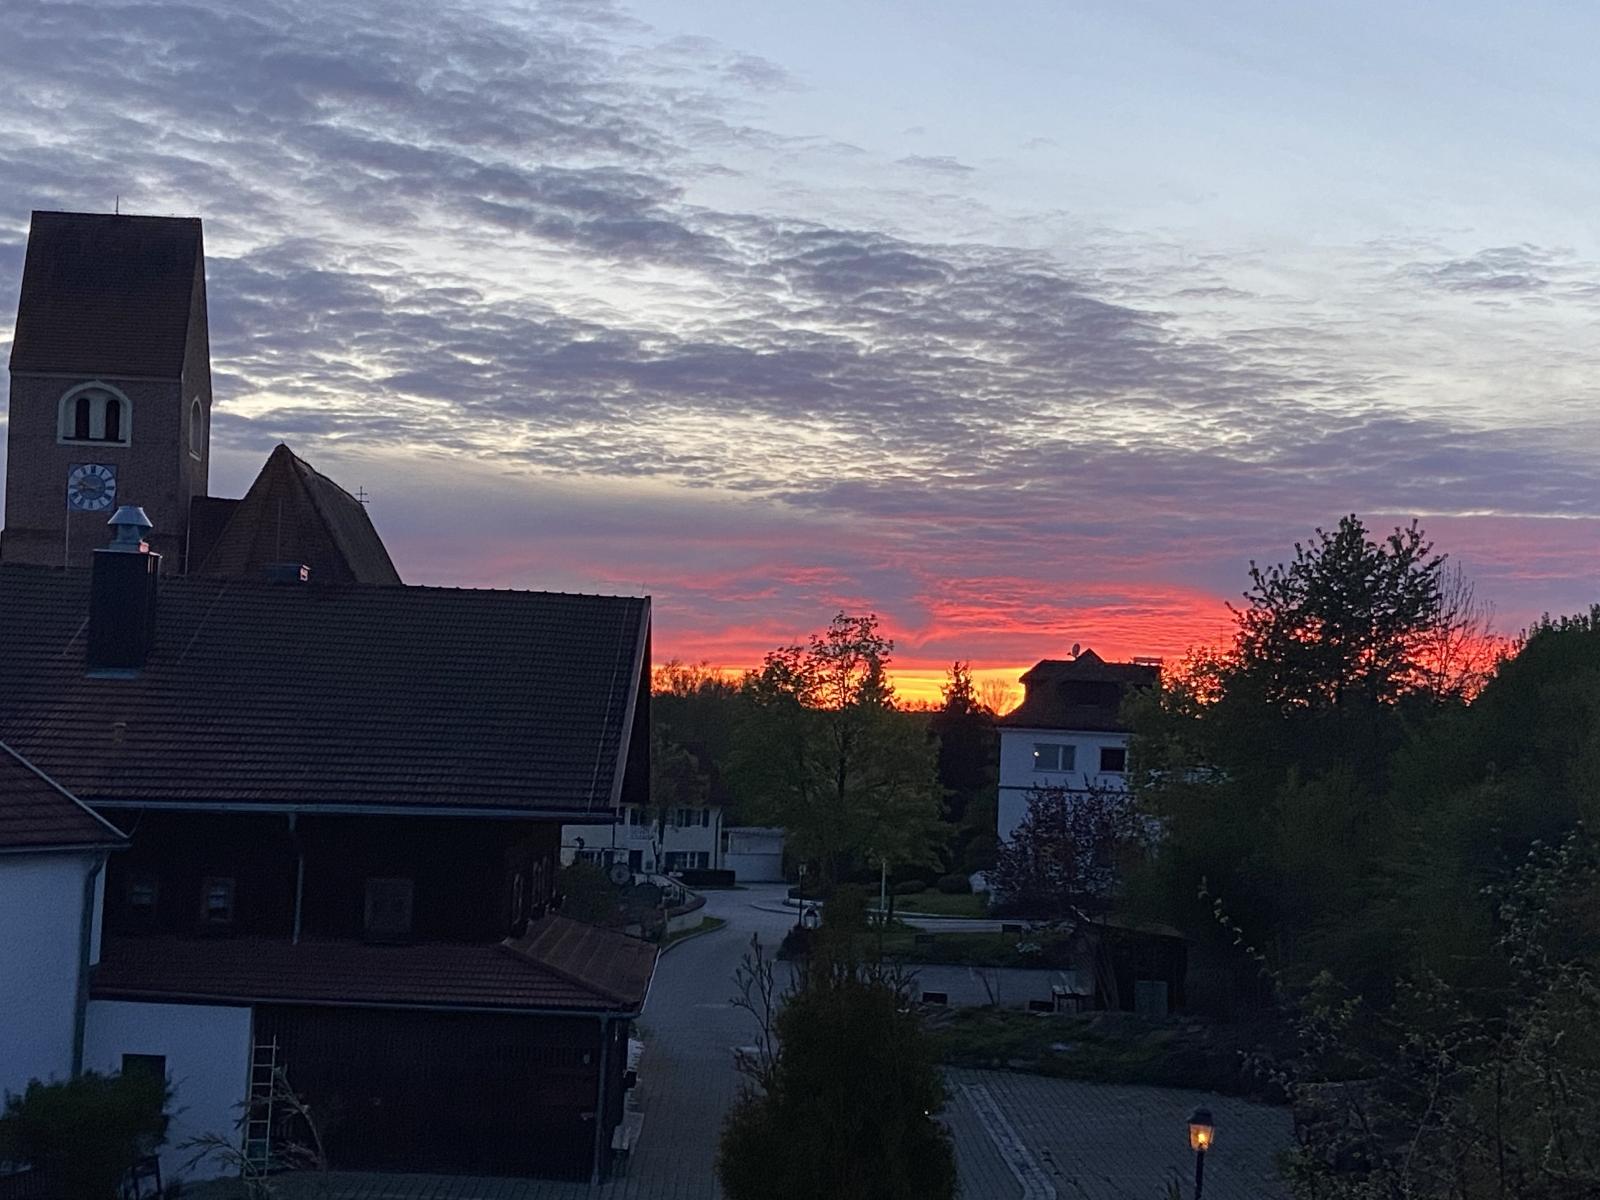 Evening in Uttlau